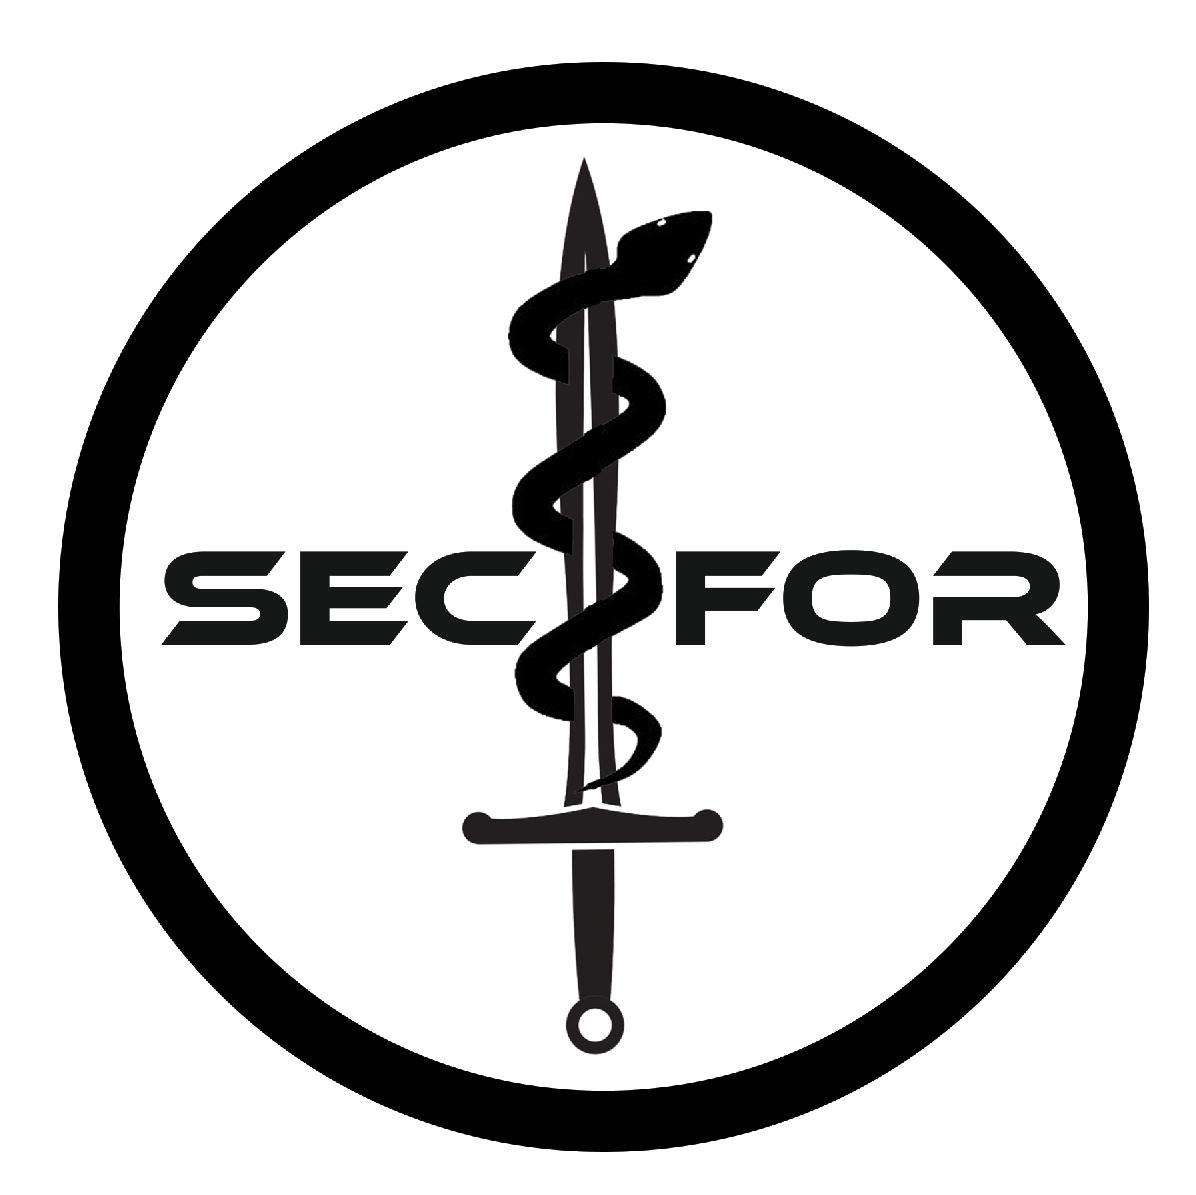 SECFOR360